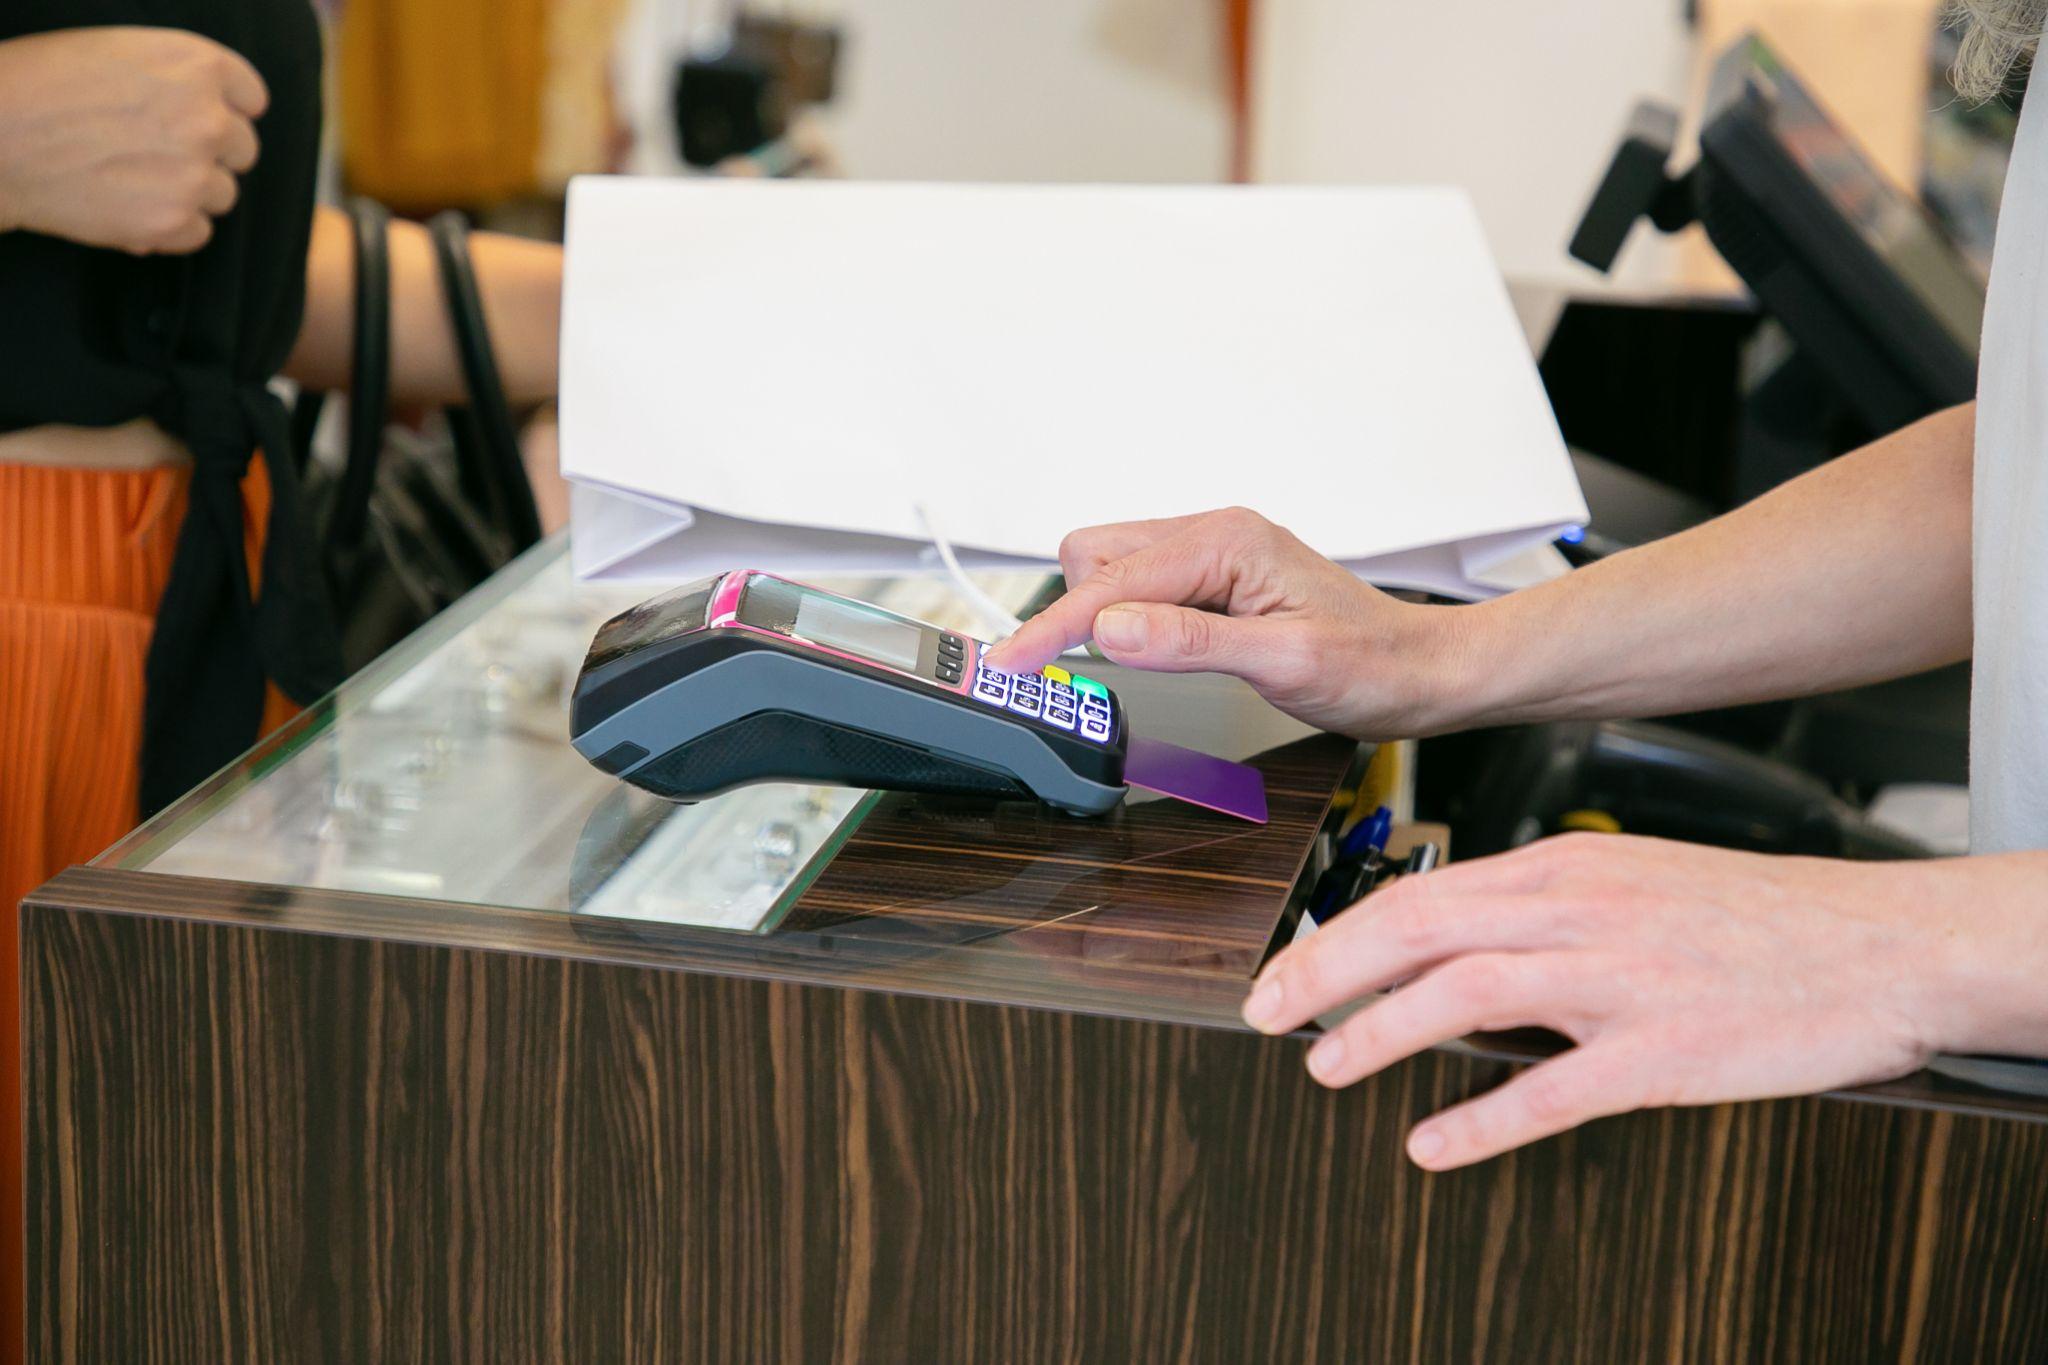 Imagem ilustrativa de compra sendo realizada por meio da maquininha de cartão